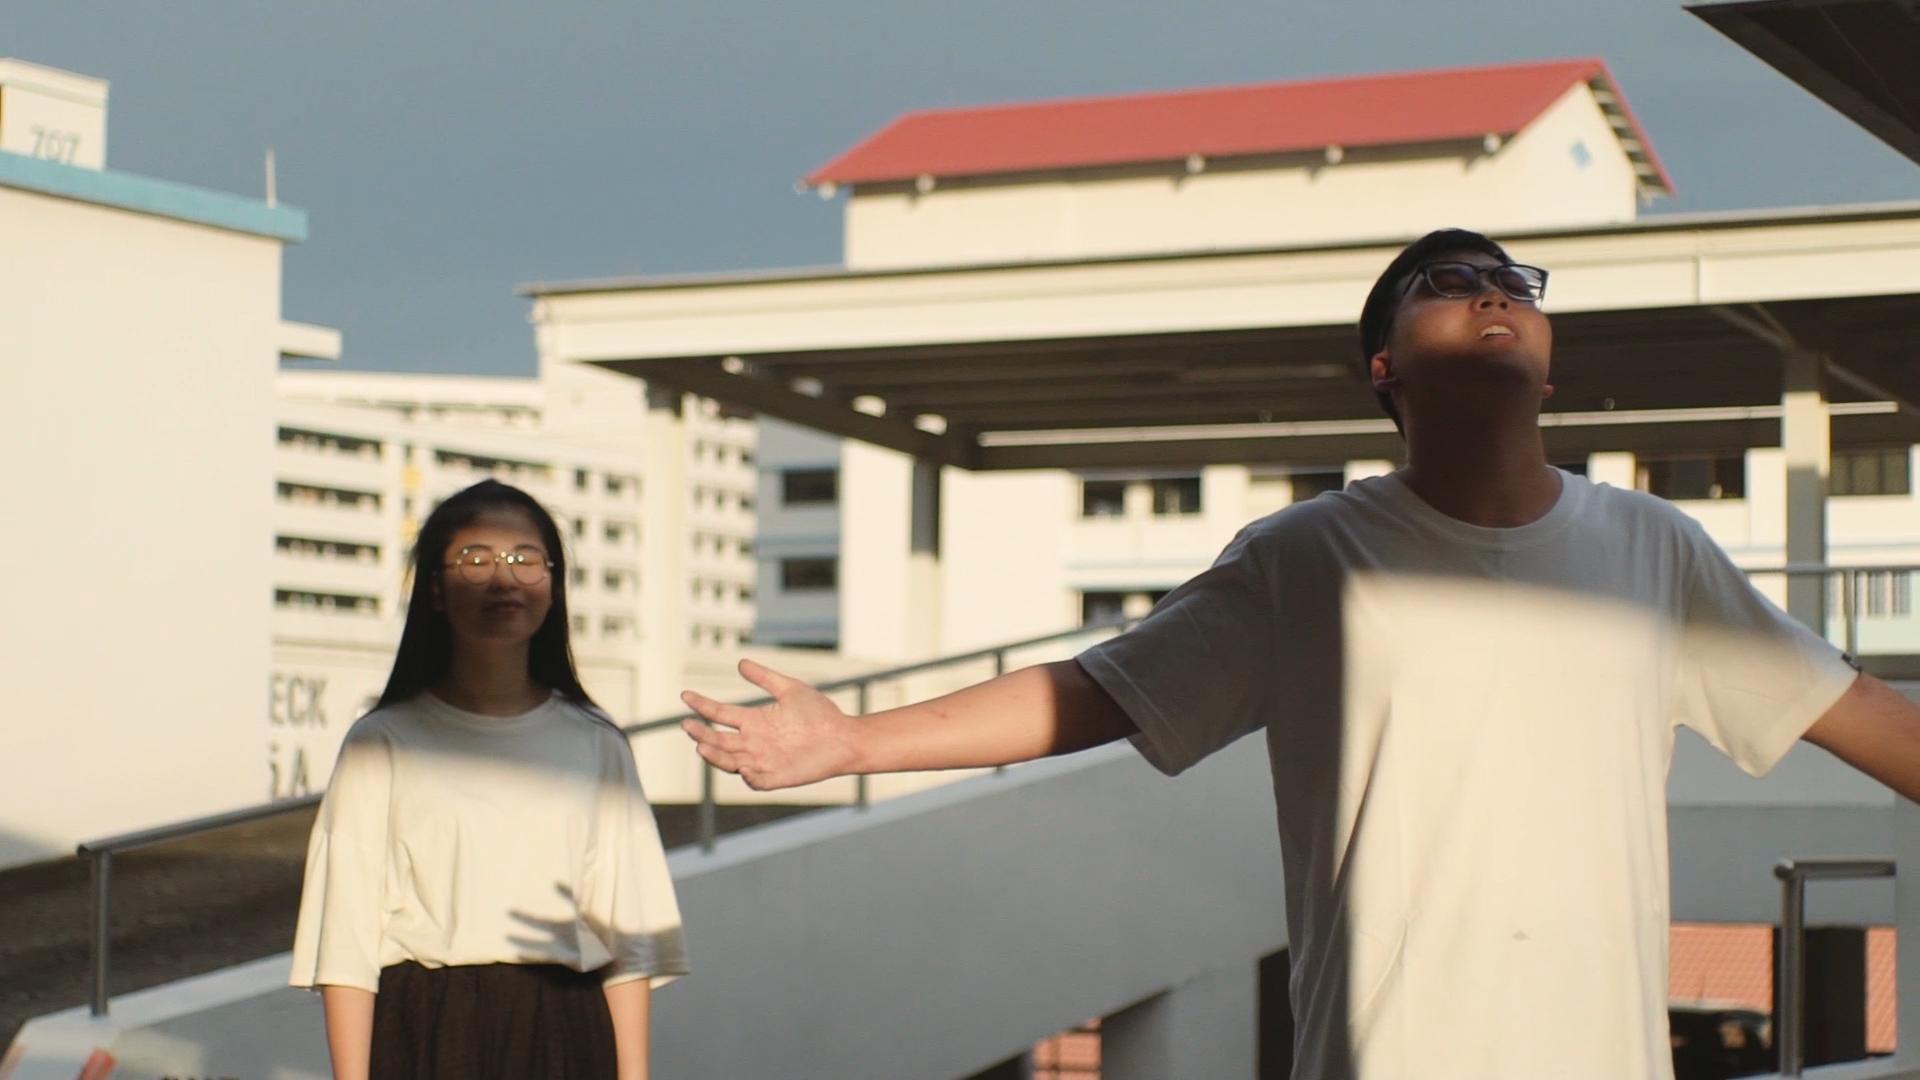 FFK_IG_59s_Screenshot_Cong Cong and Xin Jie_012.jpg